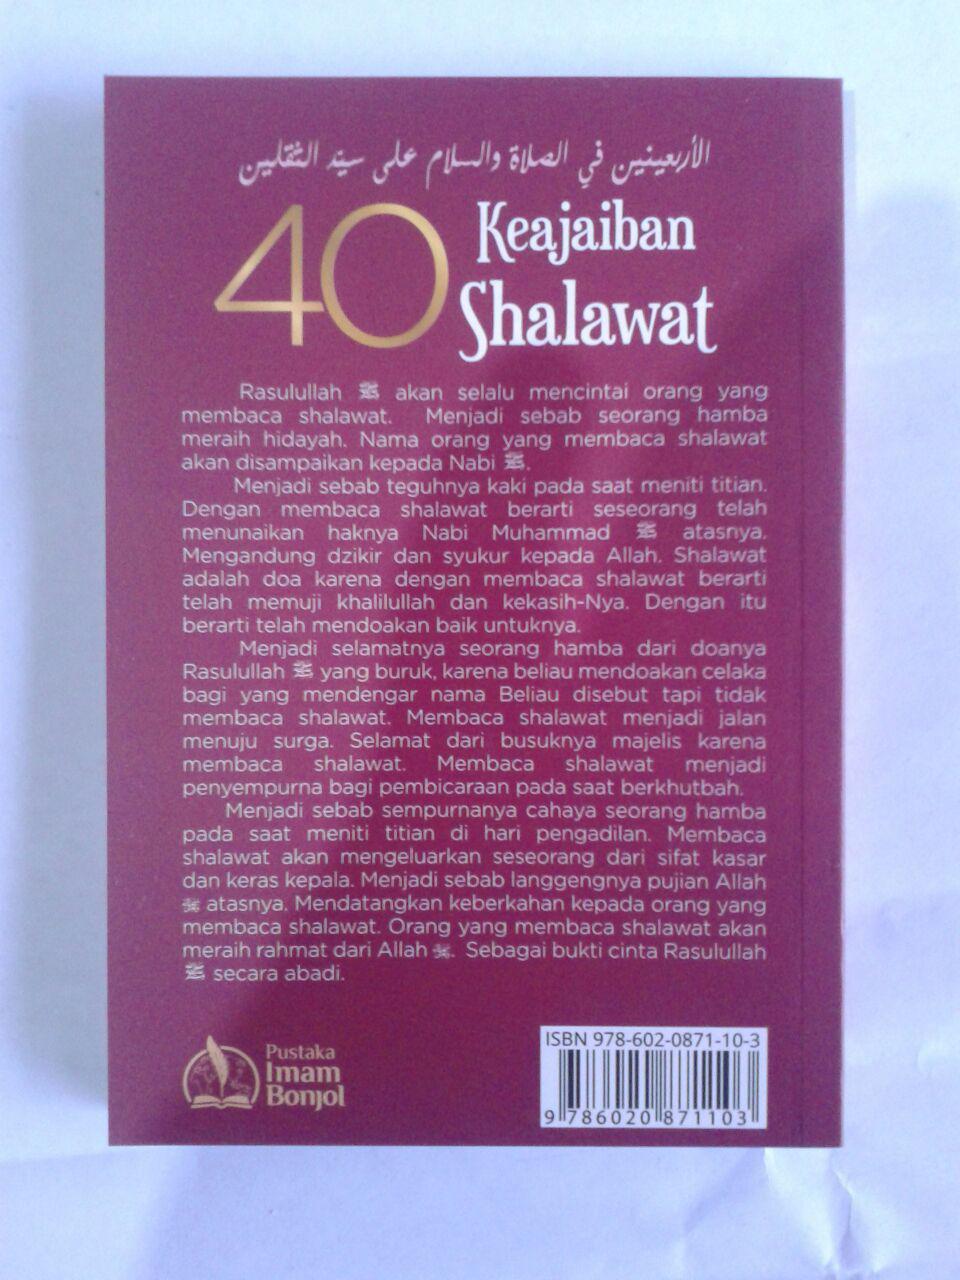 Buku 40 Keajaiban Shalawat Kunci Rahasia Shalawat Nabi cover